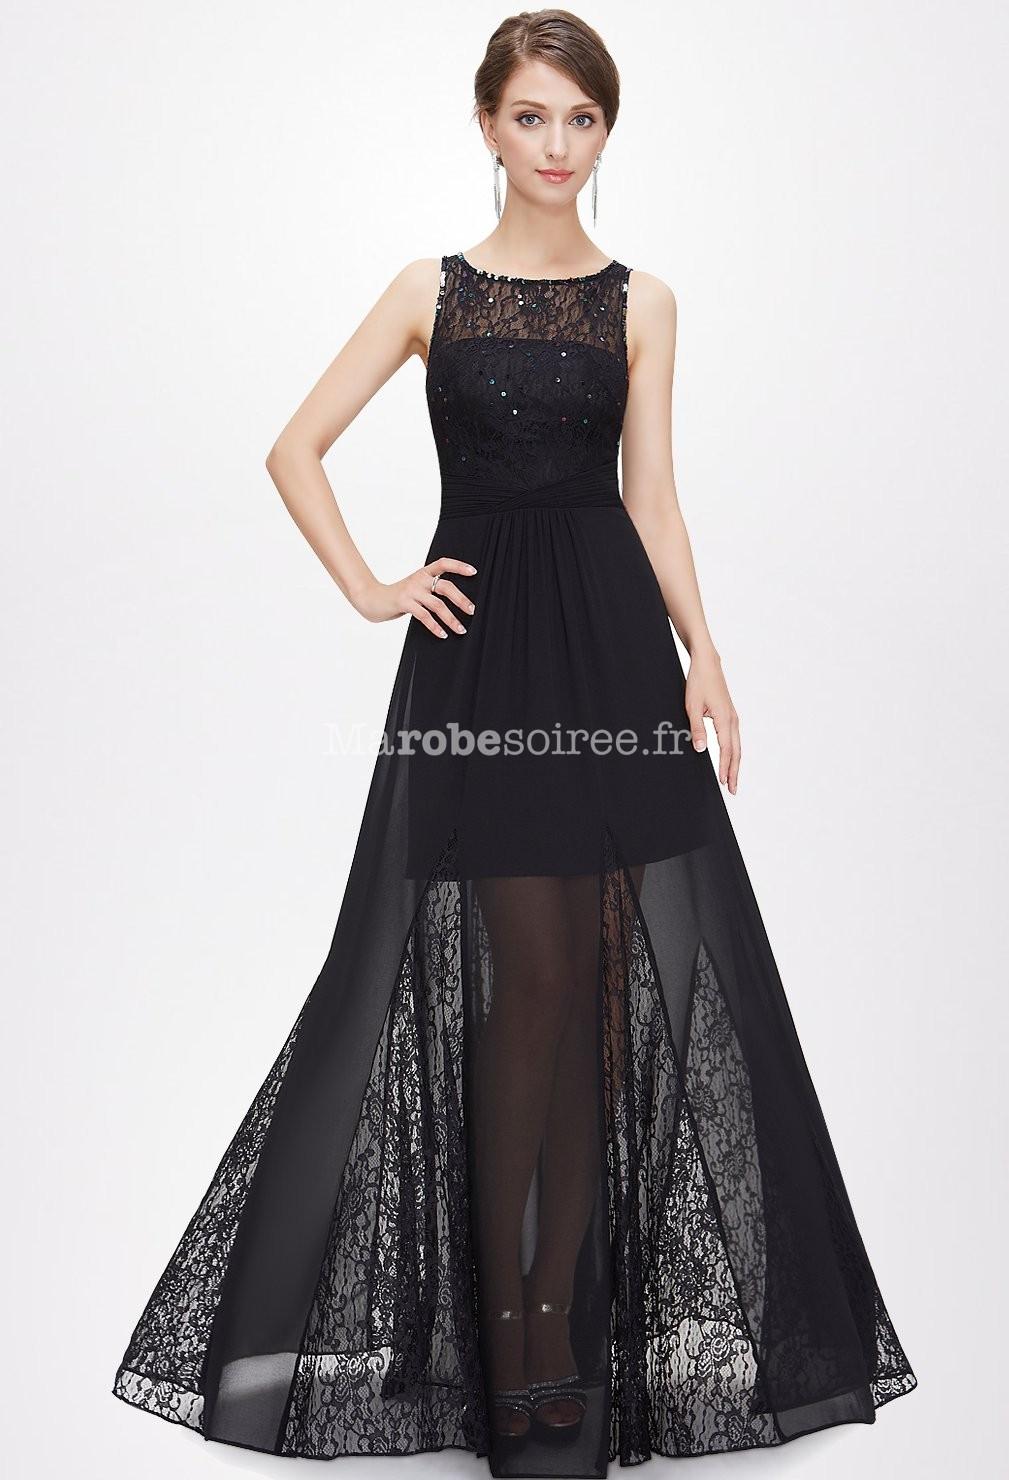 Robe noire longue sans manche